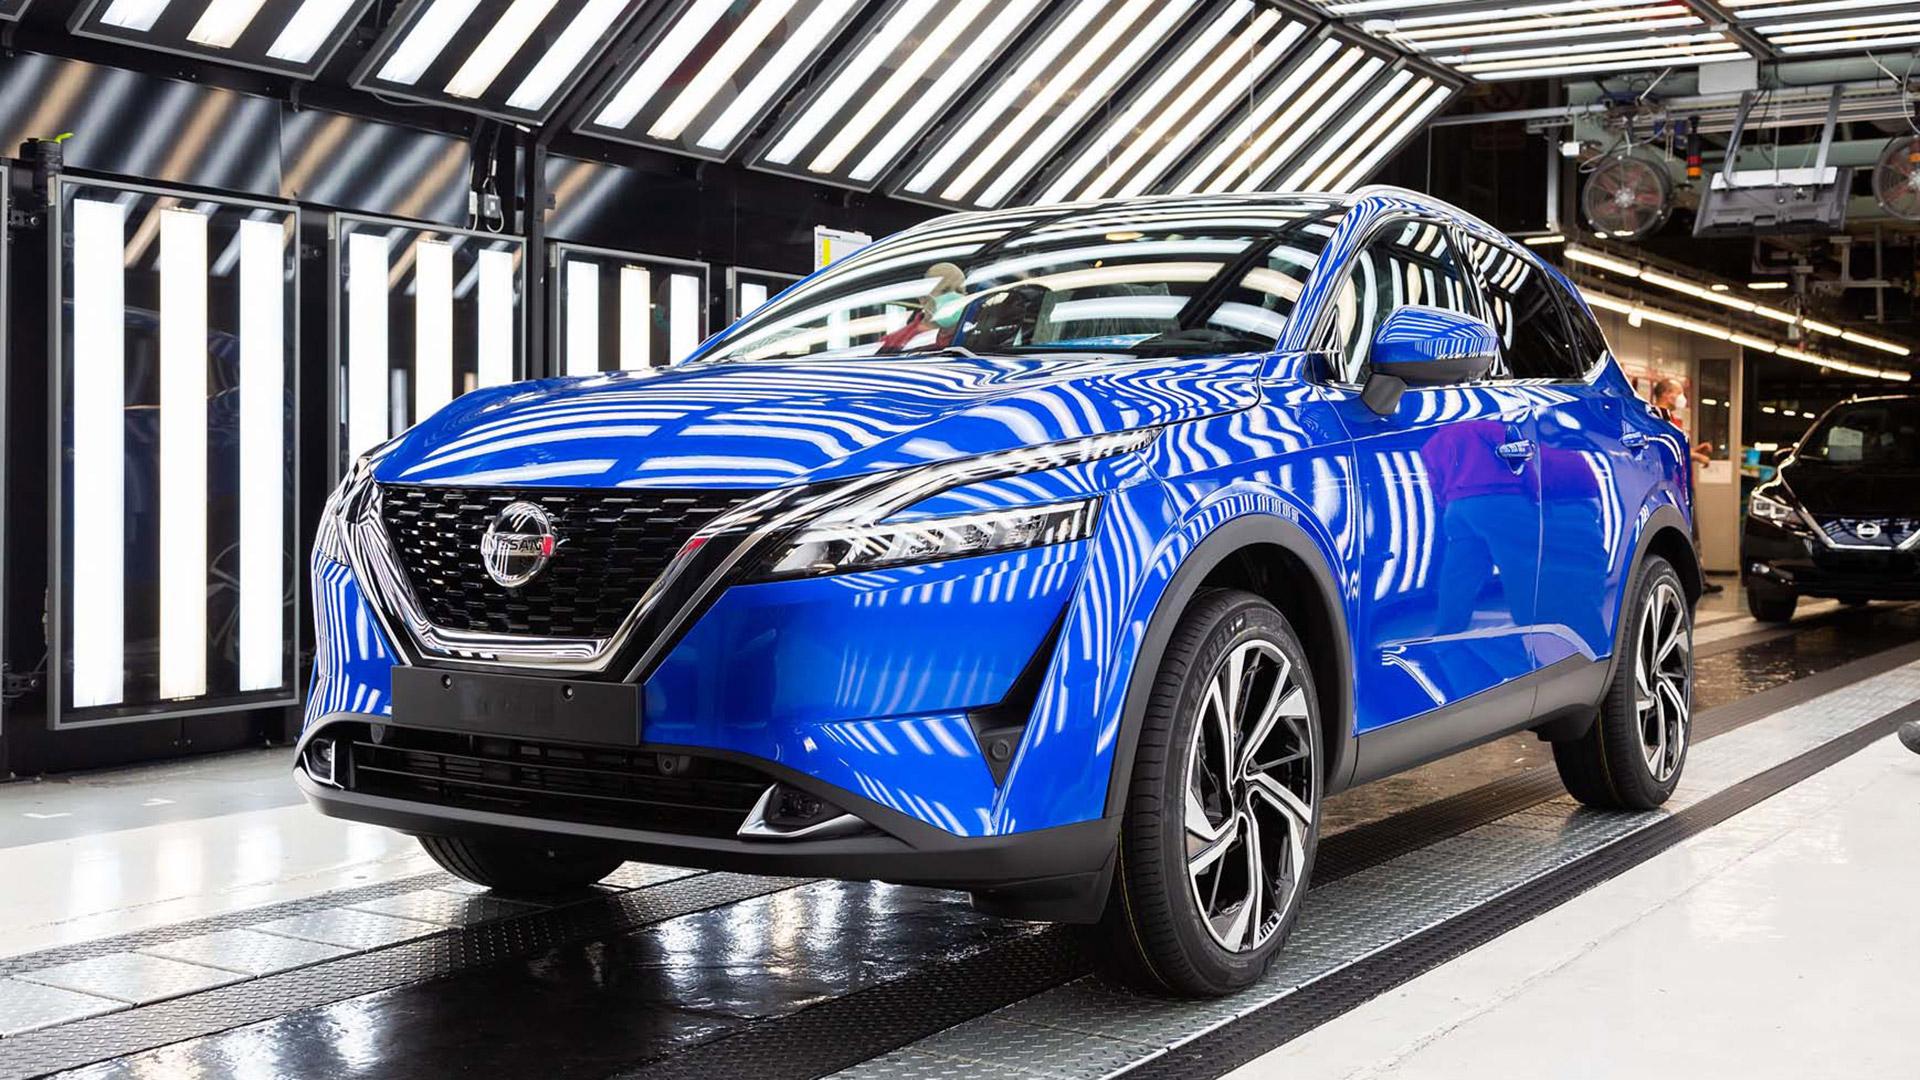 Δείτε πως κατασκευάζεται το νέο Nissan Qashqai (video)